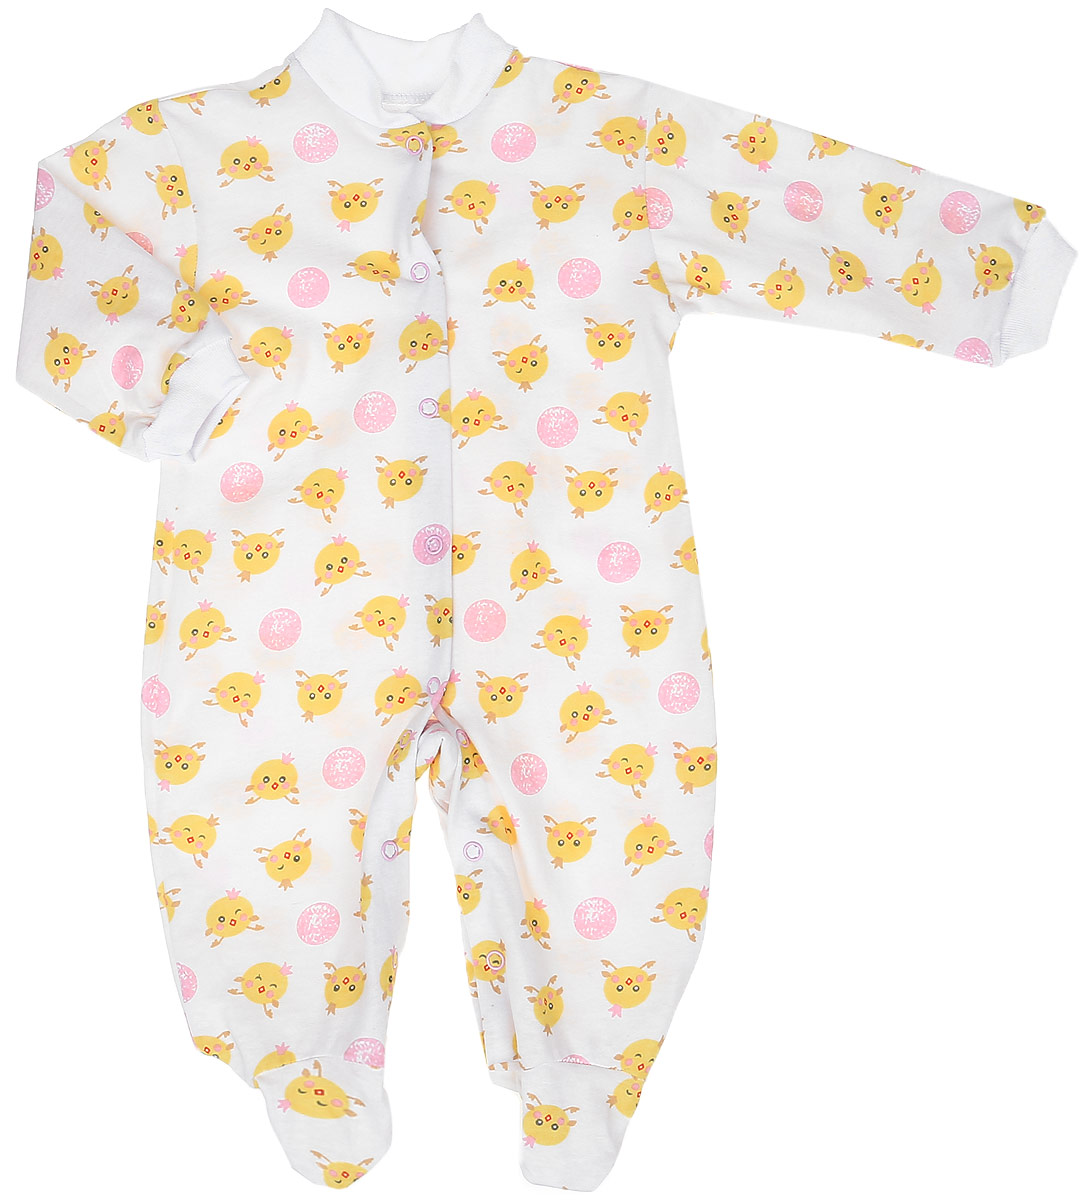 Комбинезон детский Чудесные одежки, цвет: белый, розовый. 5801. Размер 925801Удобный детский комбинезон Чудесные одежки выполнен из натурального хлопка.Комбинезон с небольшим воротником-стойкой, длинными рукавами и закрытыми ножками имеет застежки-кнопки спереди и на ластовице, которые помогают легко переодеть младенца или сменить подгузник. Воротничок и манжеты на рукавах выполнены из трикотажной эластичной резинки. Изделие оформлено принтом с изображением цыплят.